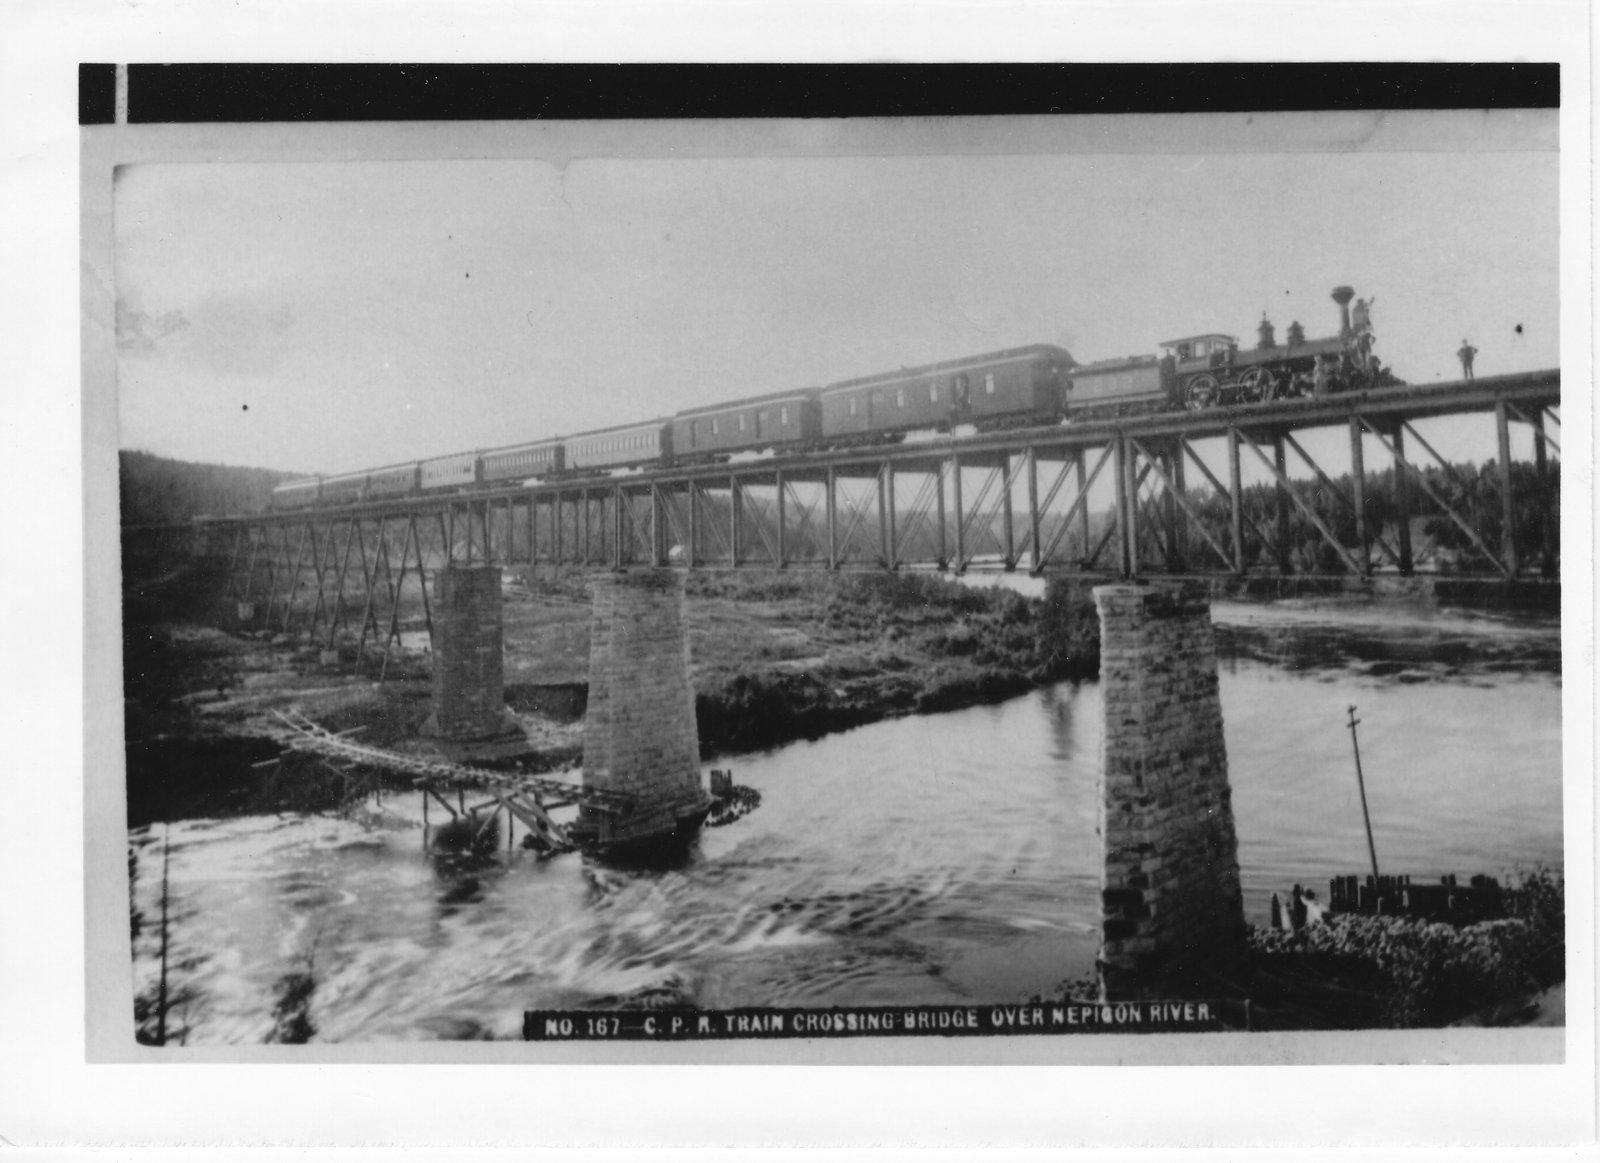 C.P.R. train crossing bridge